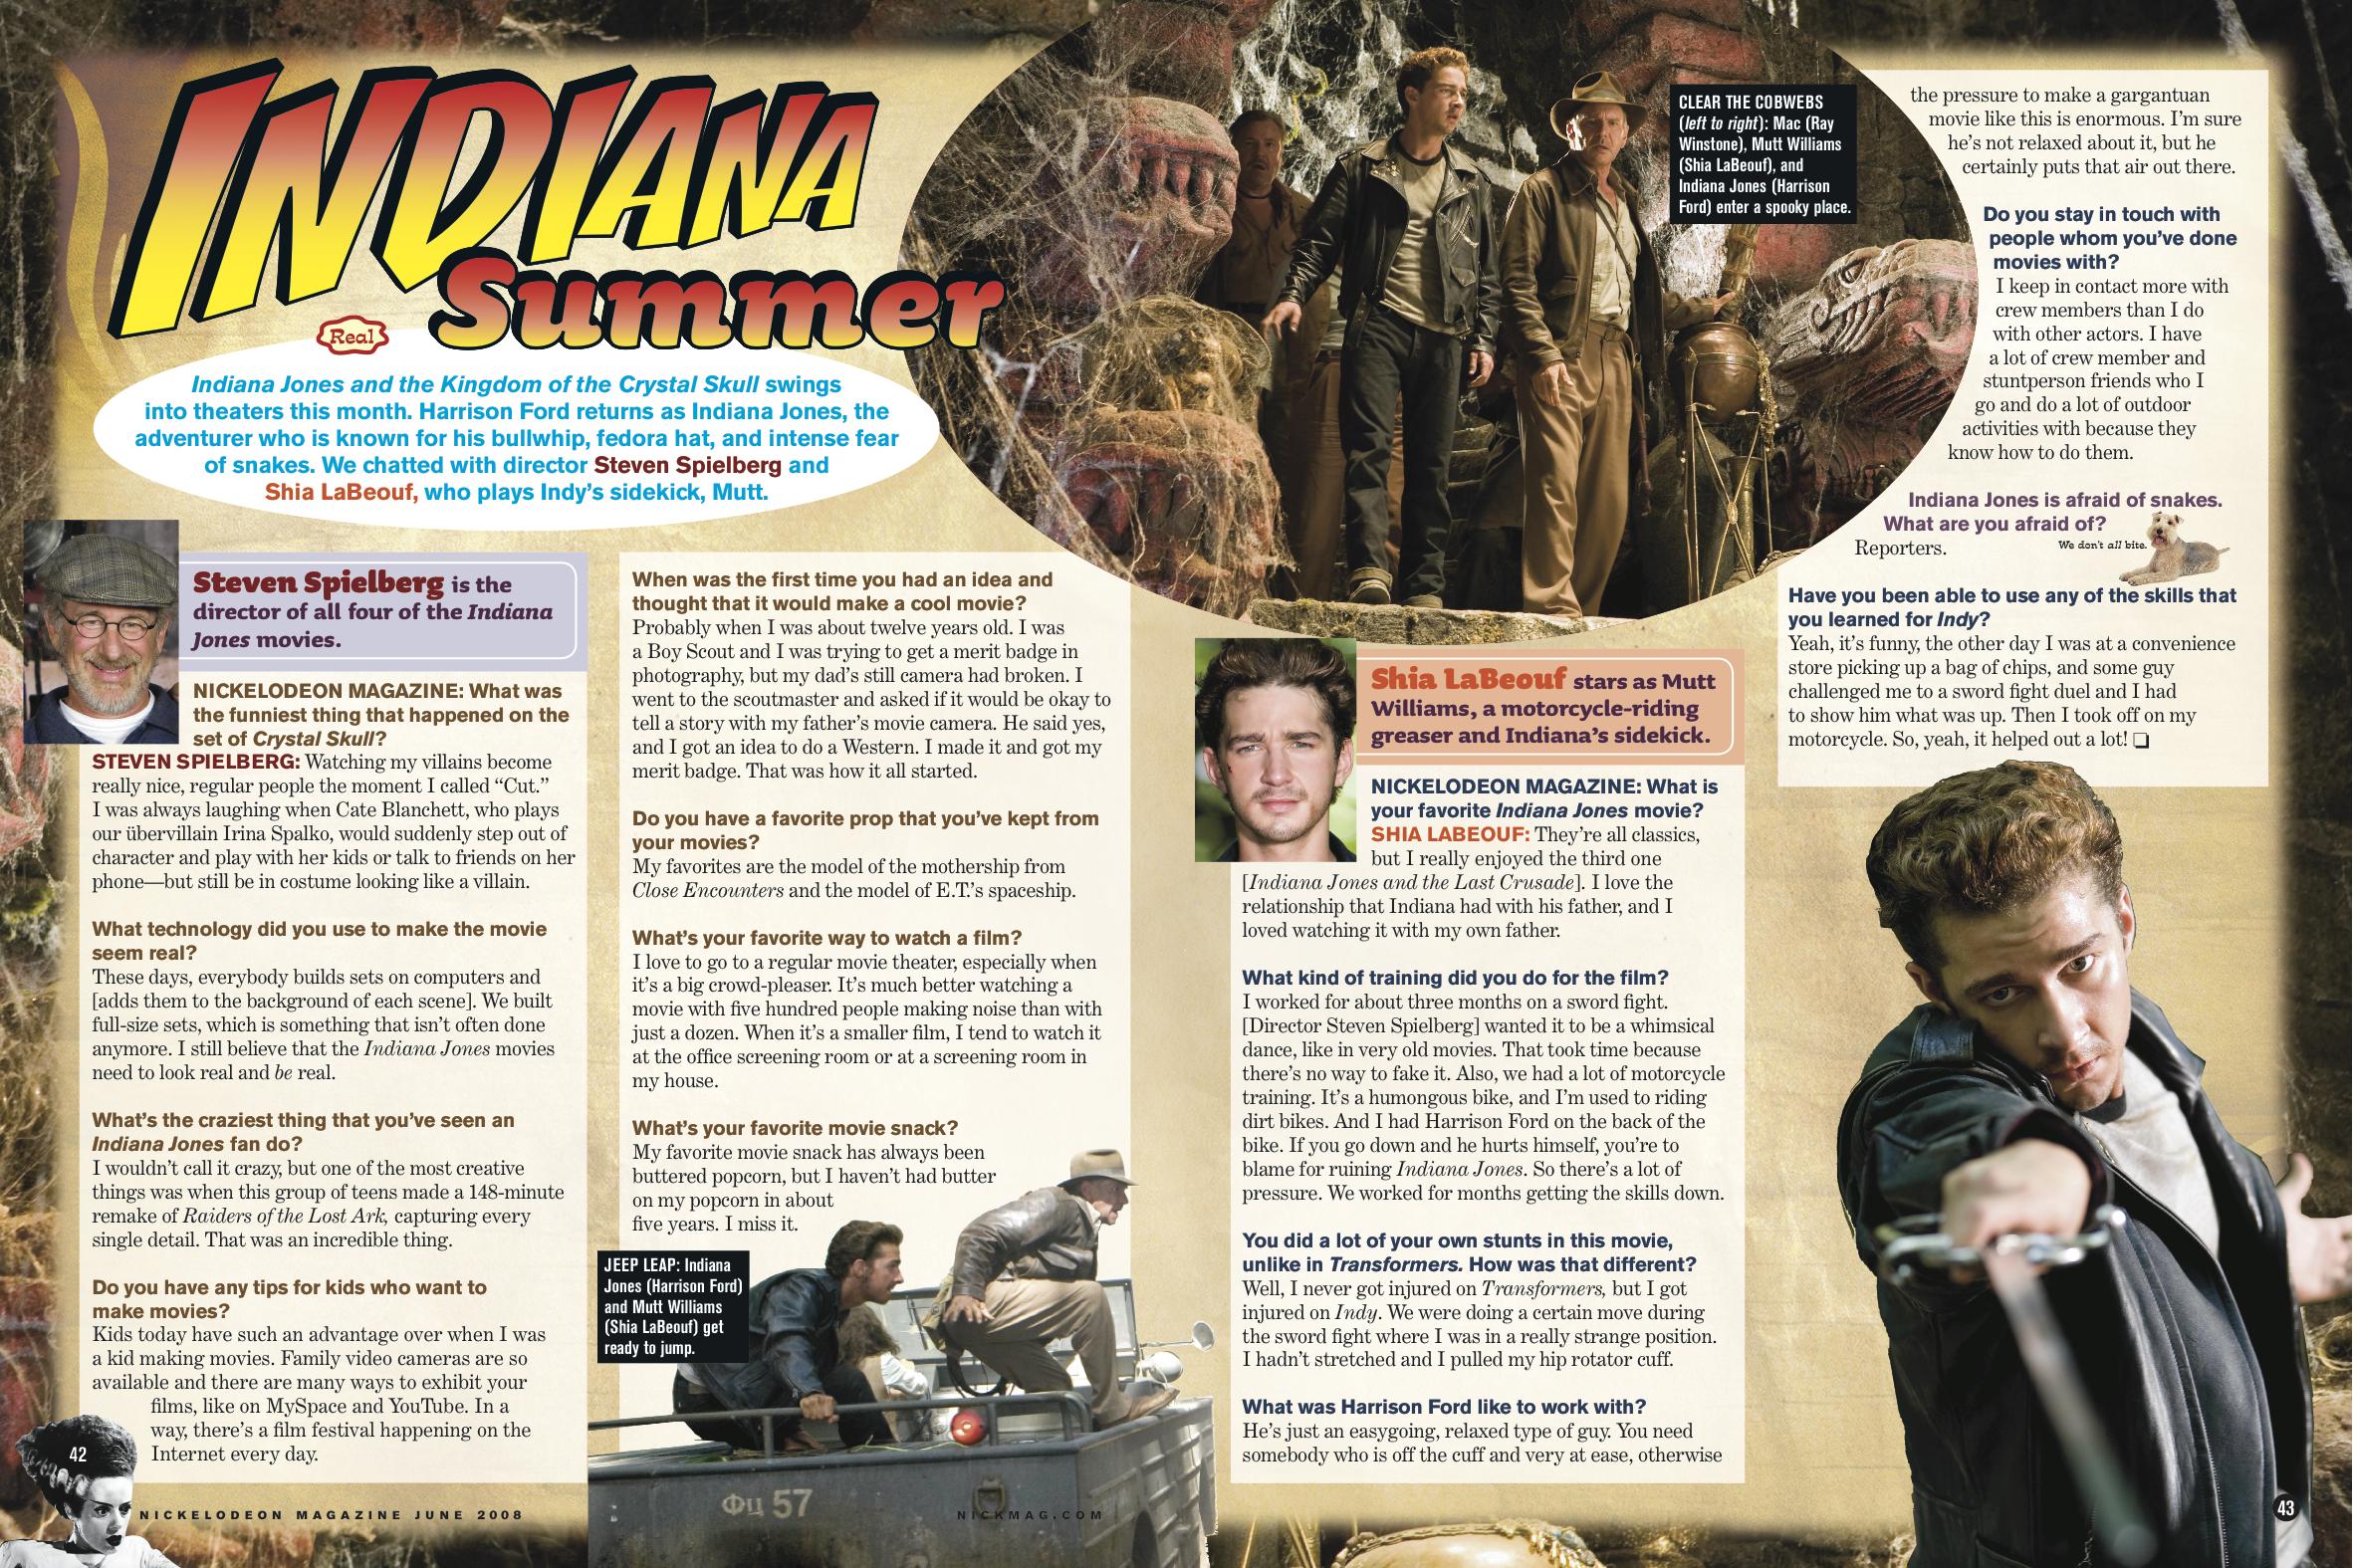 NickelodeonMagazine_Steven Spielberg interview.jpg